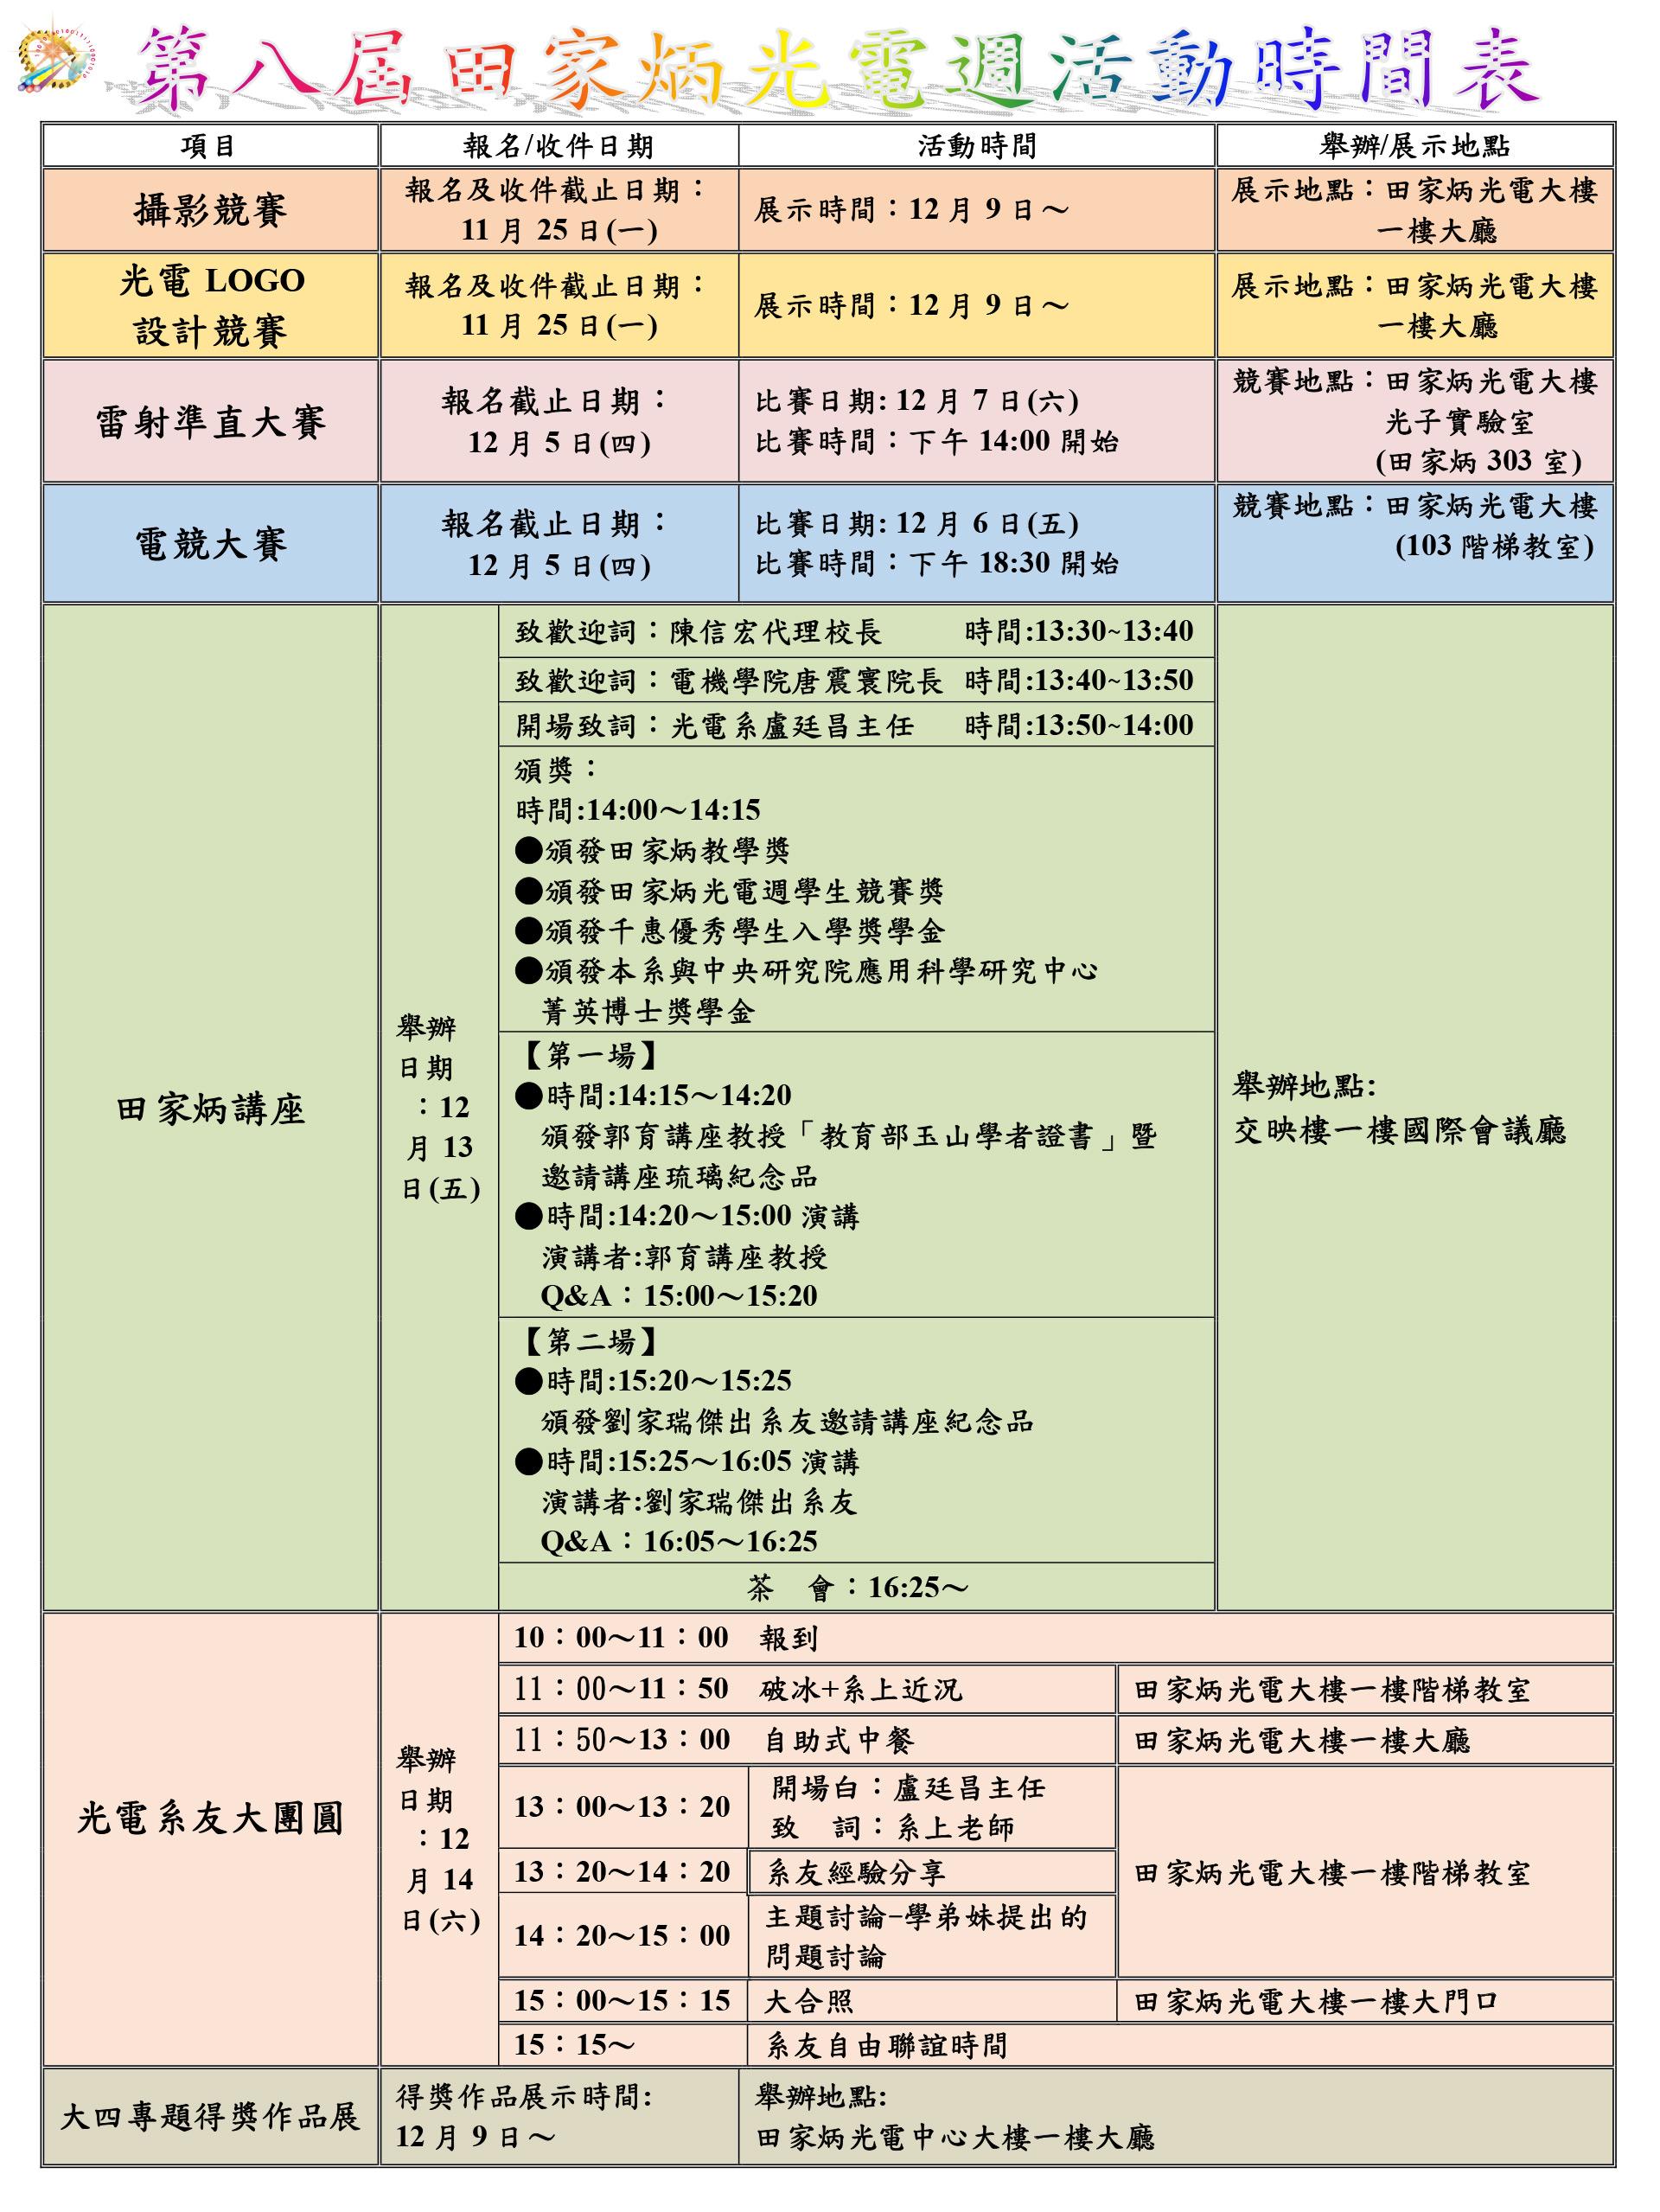 2019第八屆「田家炳光電週」 活動時間表